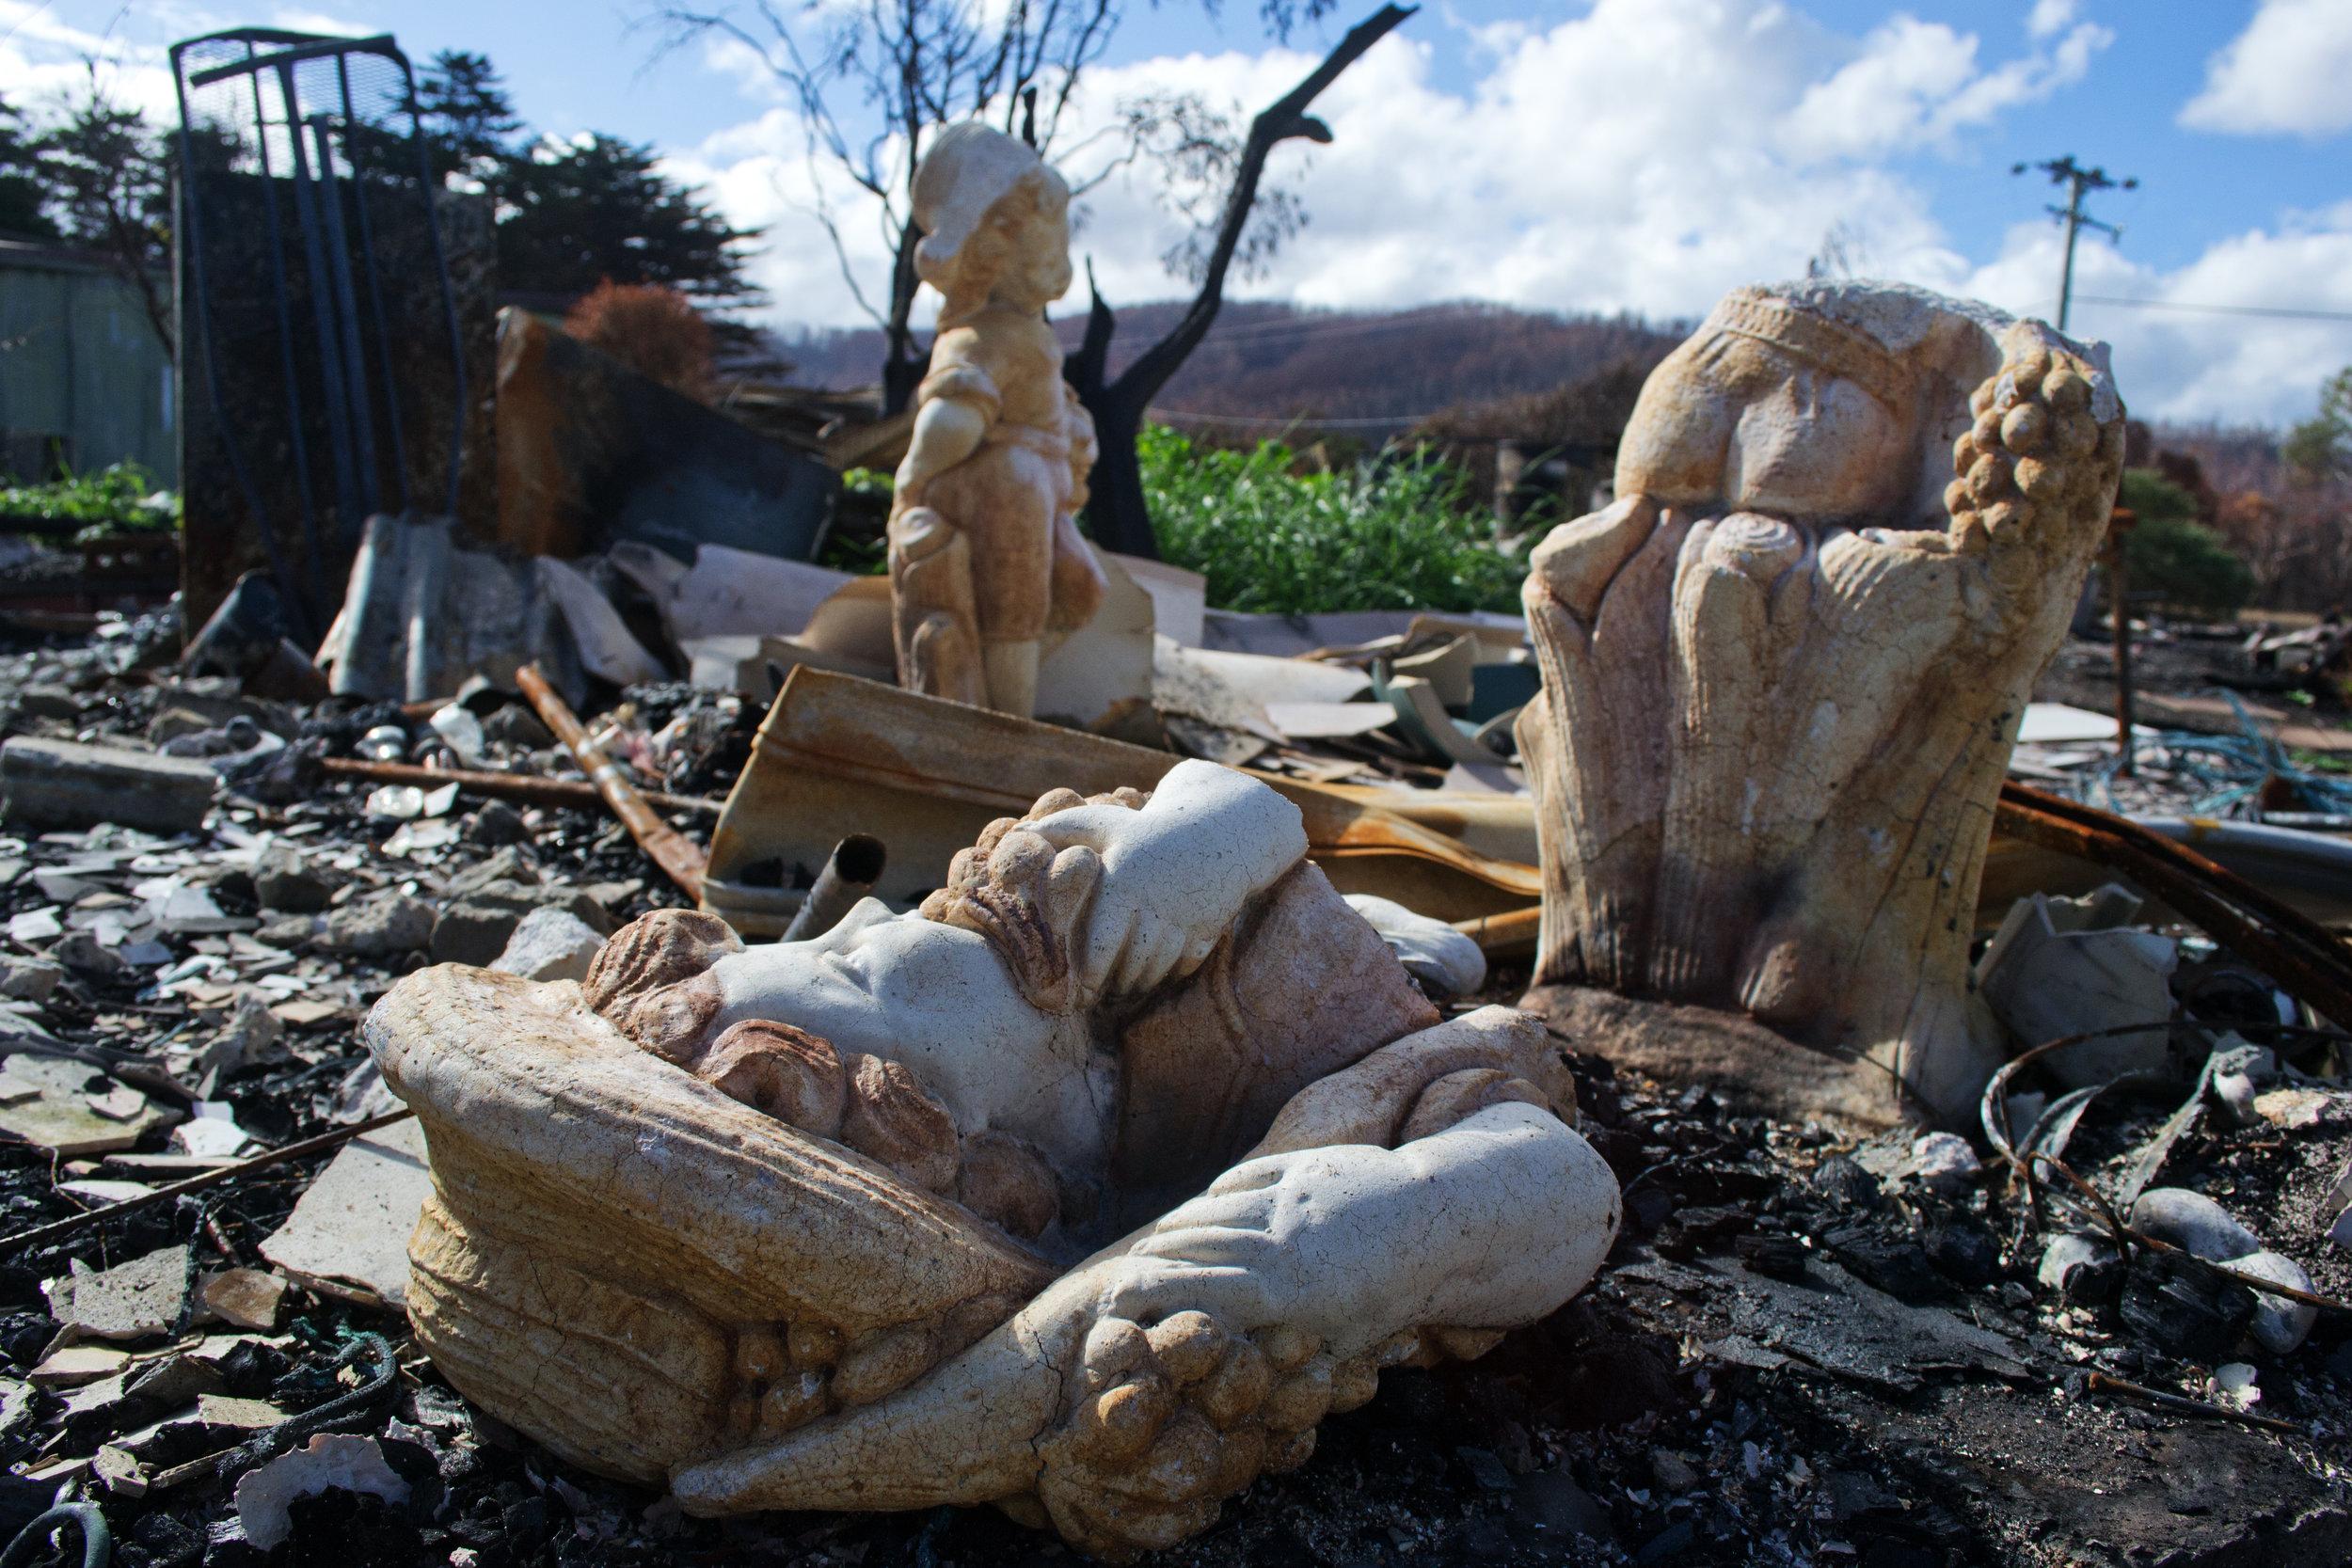 2013-02-28 - Tasmania - Dunalley after the fires - D3100  - DSC_0197.jpg